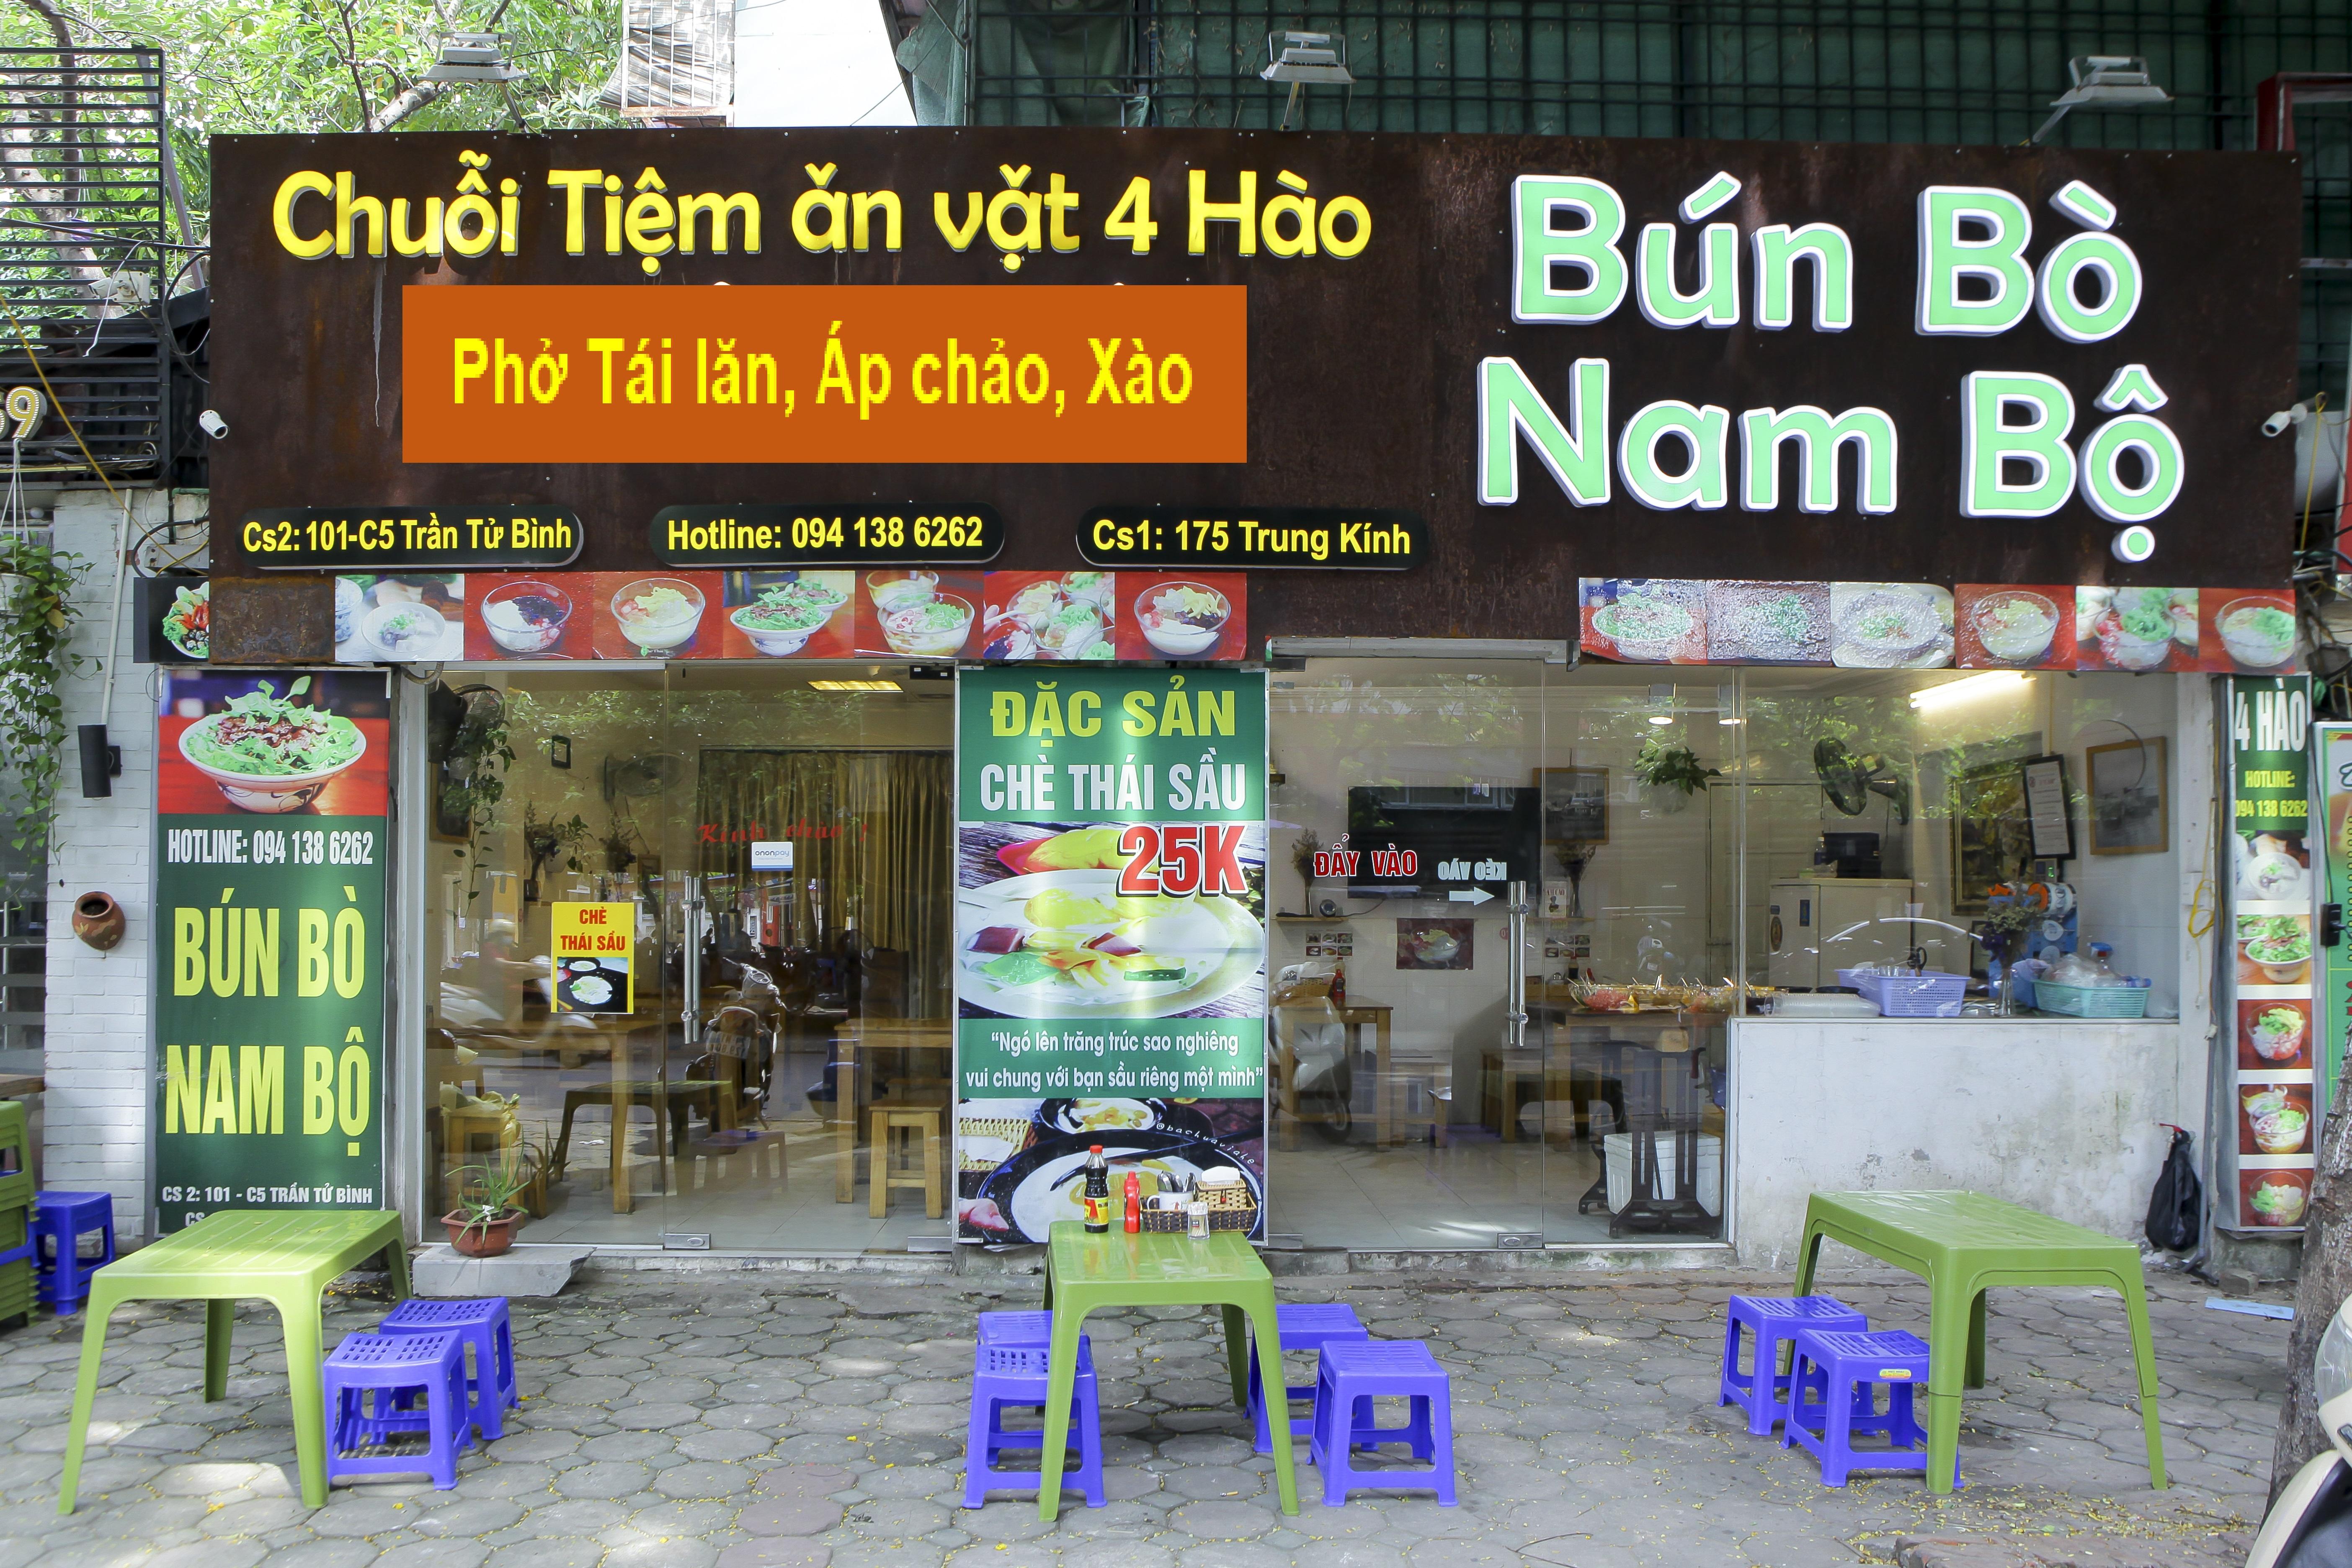 Phở và bún bò Nam Bộ: 2món ngon nức tiếng được CNN khuyên nên thử khi đến Việt Nam - Ảnh 10.